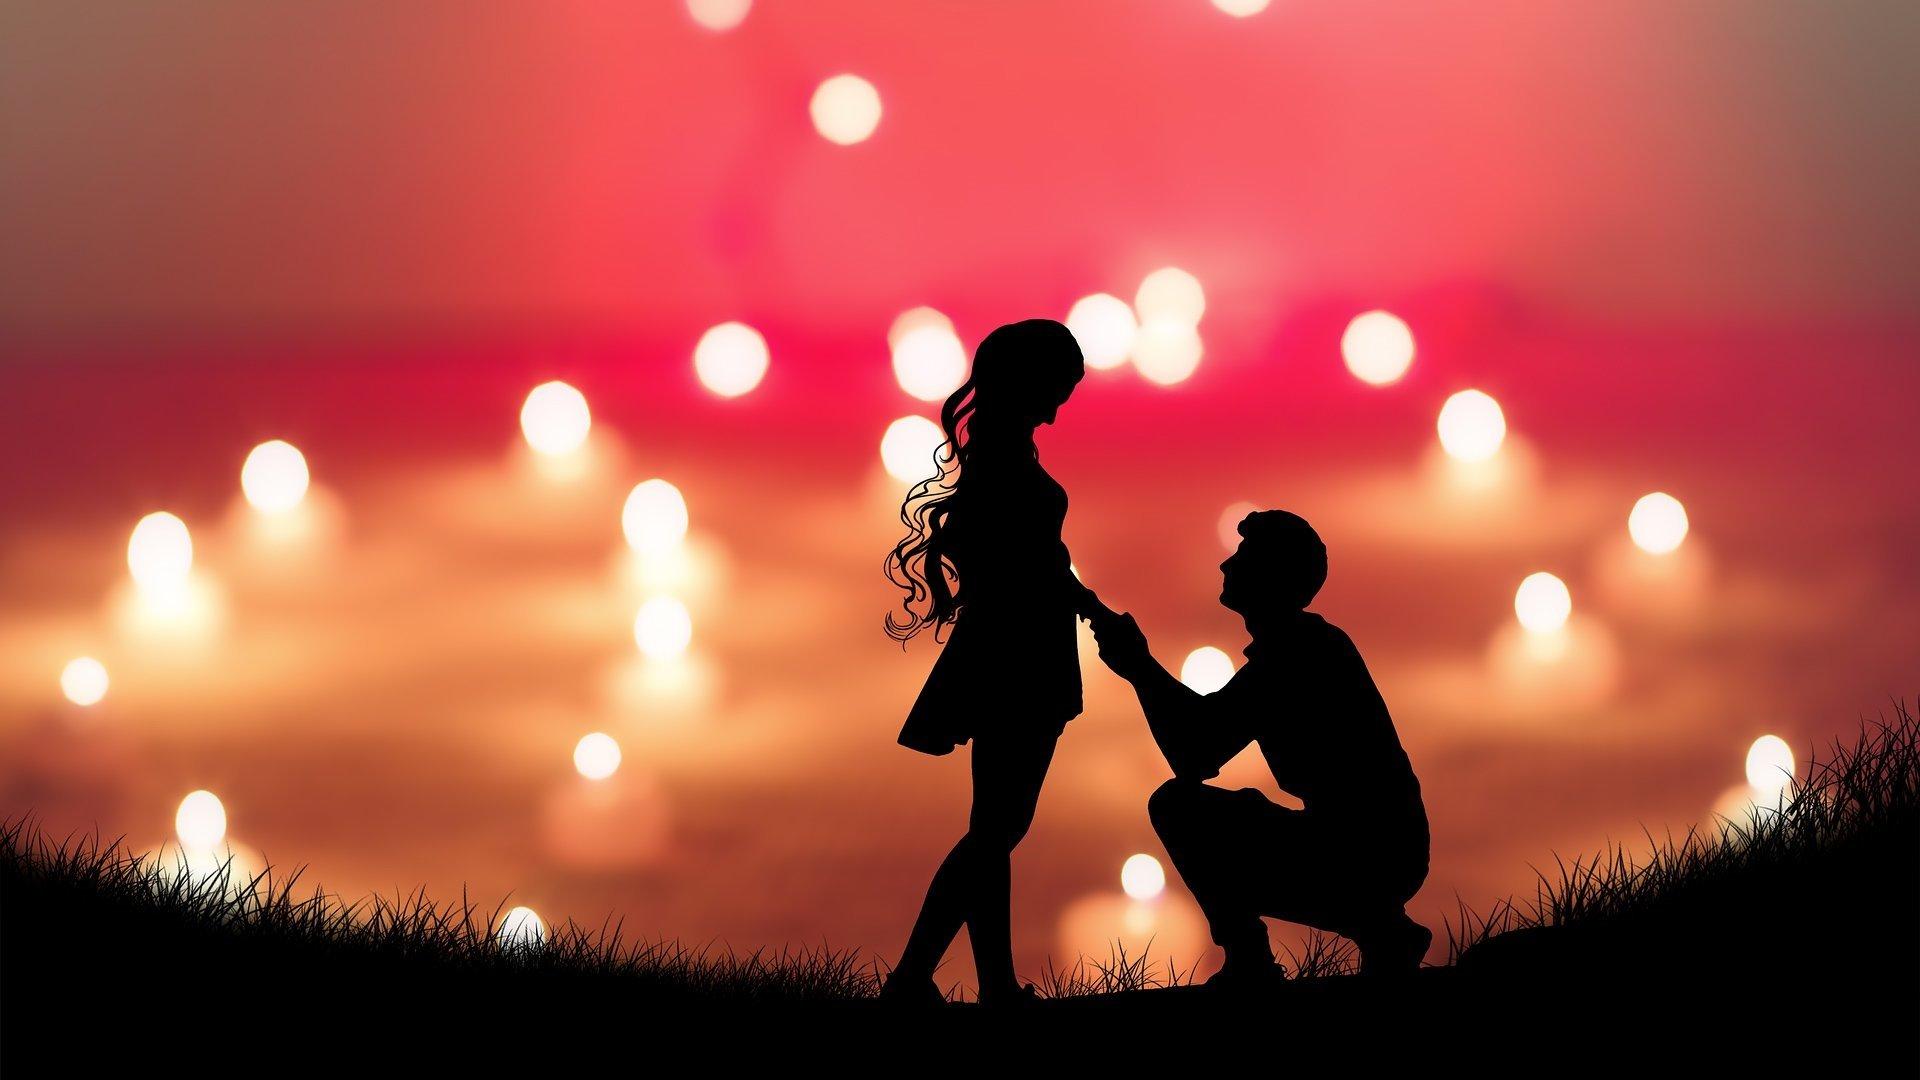 Ідеї для побачення: 20 варіантів для романтичного вечора